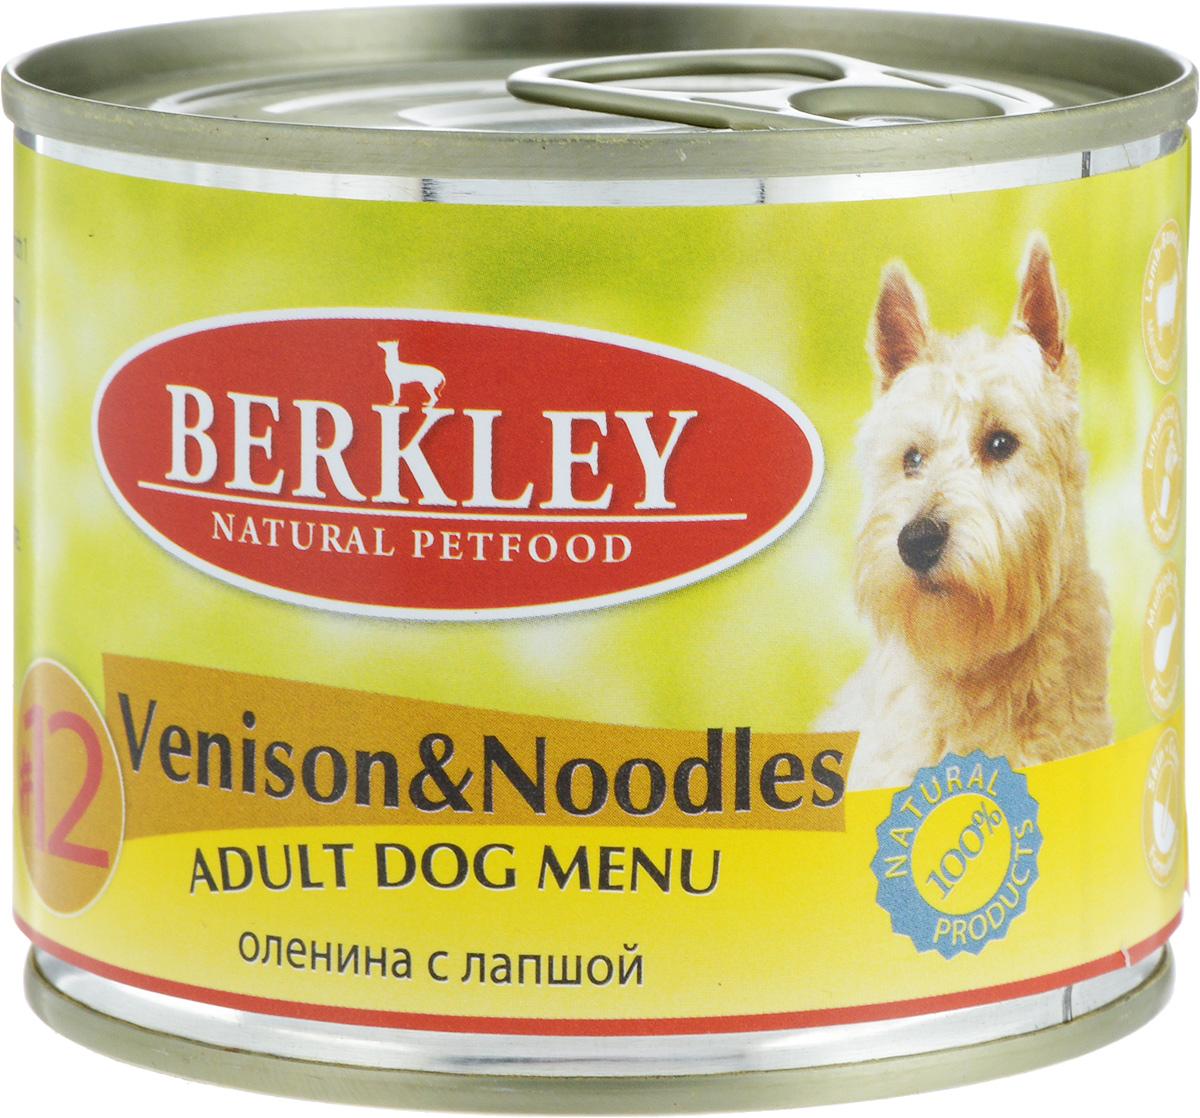 """Консервы для собак Berkley """"№12"""", оленина с лапшой, 200 г 69560/75018"""